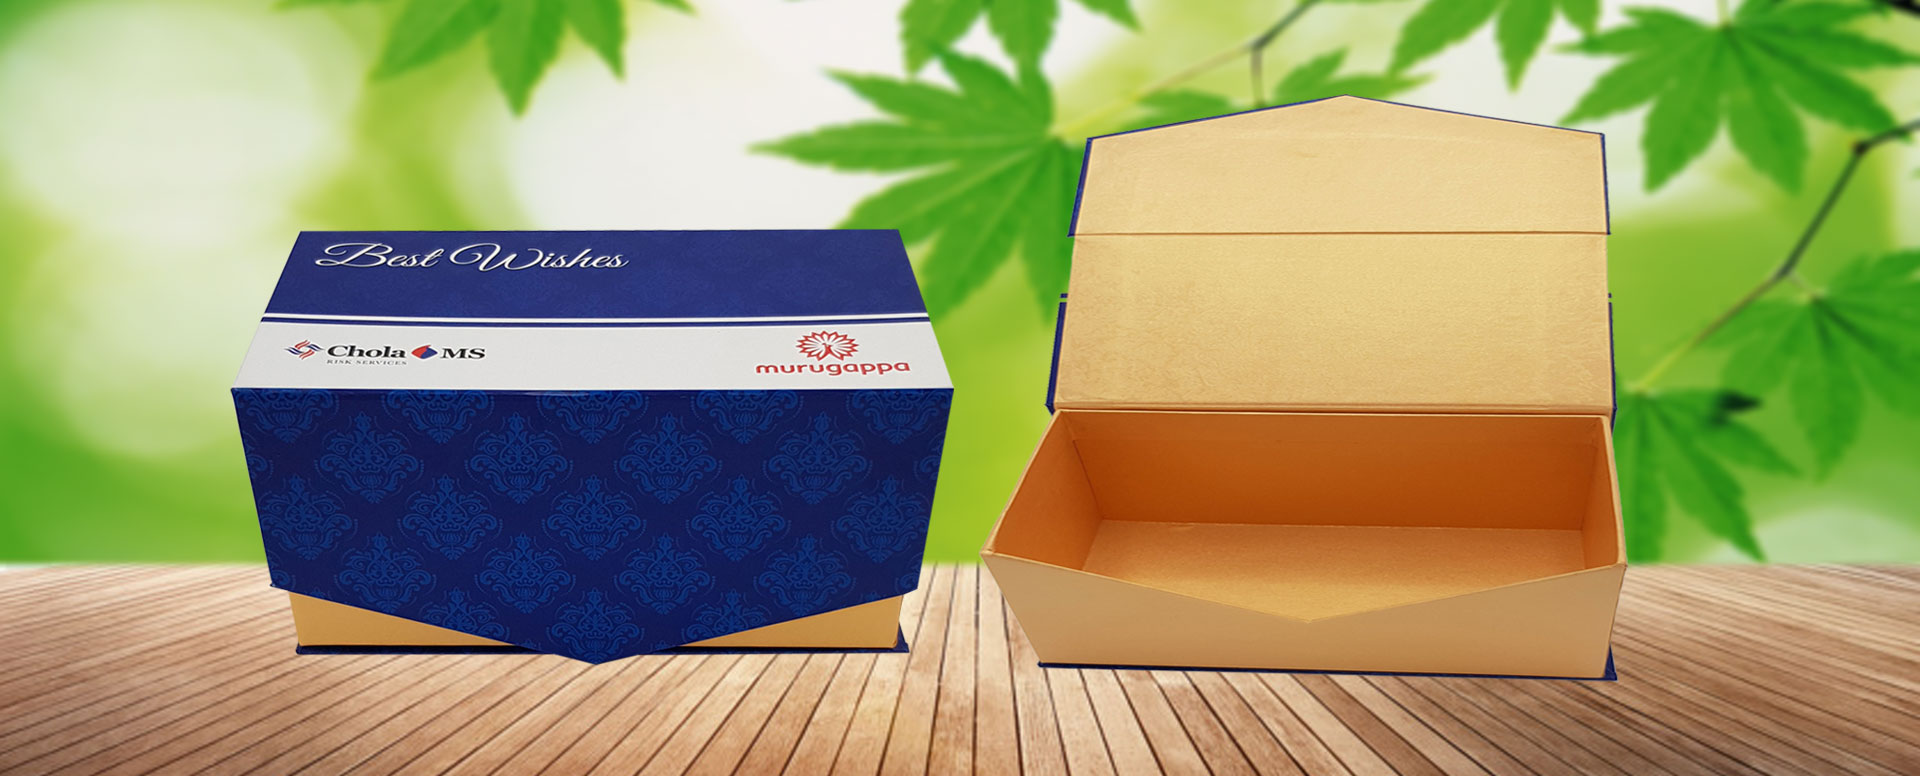 Gift Box Manufacturers Chennai Bangalore Hyderabad Cochin